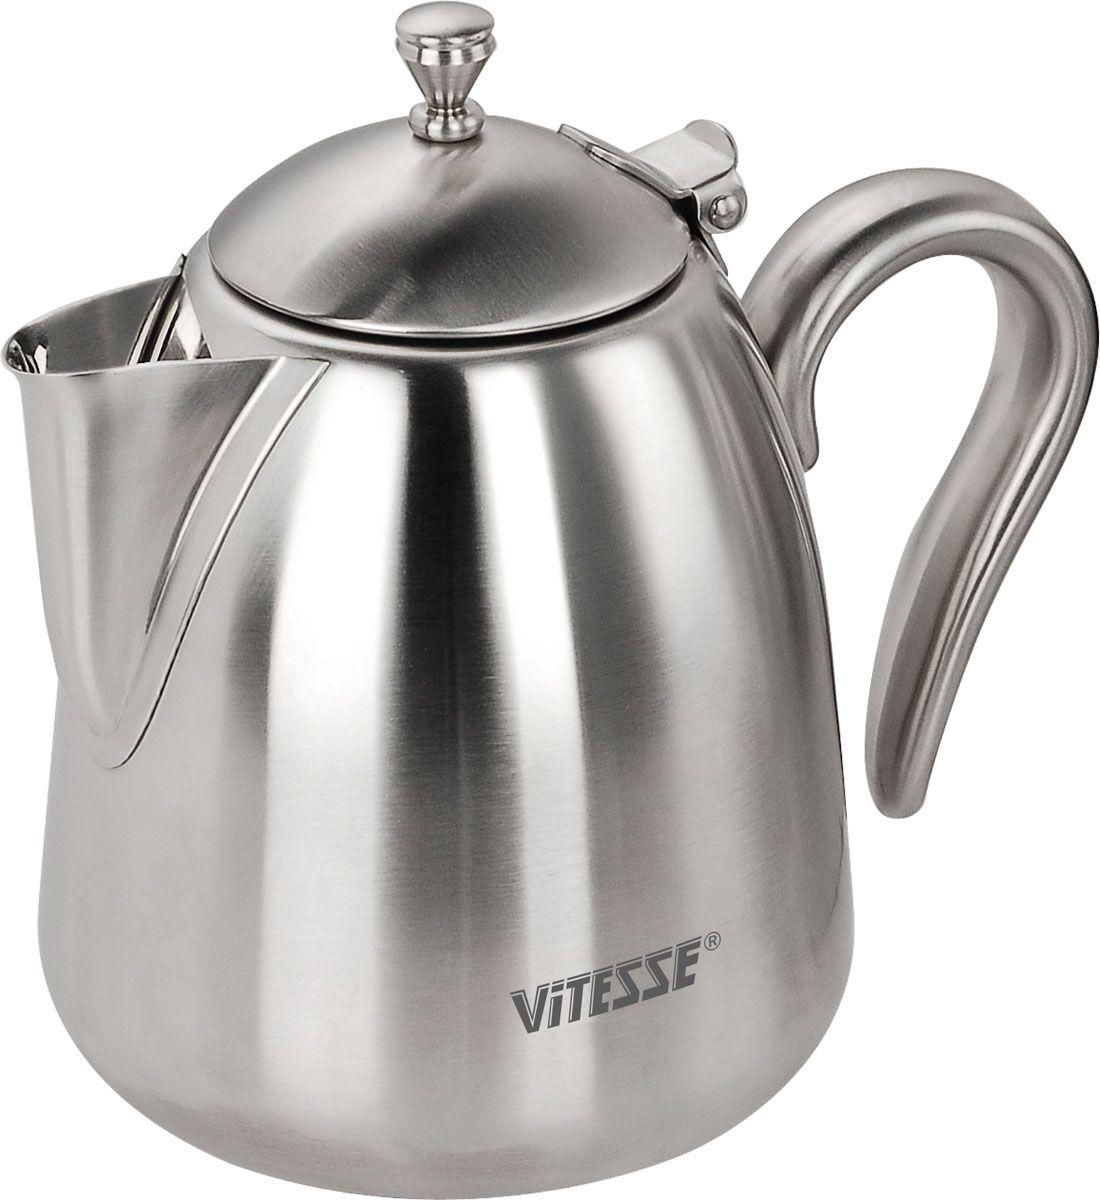 Чайник заварочный Vitesse Bryttany, с ситечком, 1 лVS-1896Заварочный чайник Vitesse Bryttany, выполненный из высококачественной нержавеющей стали 18/10 с зеркальной полировкой, предоставит вам все необходимые возможности для успешного заваривания чая. Чай в таком чайнике дольше остается горячим, а полезные и ароматические вещества полностью сохраняются в напитке. Чайник имеет вынимающийся фильтр-ситечко, что делает его чрезвычайно удобным в использовании. Эстетичный и функциональный, с эксклюзивным дизайном, чайник будет оригинально смотреться в любом интерьере.Чайник пригоден для мытья в посудомоечной машине. Характеристики:Материал:нержавеющая сталь. Объем чайника:1,0 л. Высота чайника (без учета крышки):13,5 см. Диаметр основания чайника:11 см. Размер упаковки:17,5 см х 15,5 см х 13,5 см.Артикул:VS-1896. Кухонная посуда марки Vitesseиз нержавеющей стали 18/10 предоставит Вам все необходимое для получения удовольствия от приготовления пищи и принесет радость от его результатов. Посуда Vitesse обладает выдающимися функциональными свойствами. Легкие в уходе кастрюли и сковородки имеют плотно закрывающиеся крышки, которые дают возможность готовить с малым количеством воды и экономией энергии, и идеально подходят для всех видов плит: газовых, электрических, стеклокерамических и индукционных. Конструкция дна посуды гарантирует быстрое поглощение тепла, его равномерное распределение и сохранение.Великолепно отполированная поверхность, а также многочисленные конструктивные новшества, заложенные во все изделия Vitesse, позволит Вам открыть новые горизонты приготовления уже знакомых блюд.Для производства посуды Vitesseиспользуются только высококачественные материалы, которые соответствуют международным стандартам.